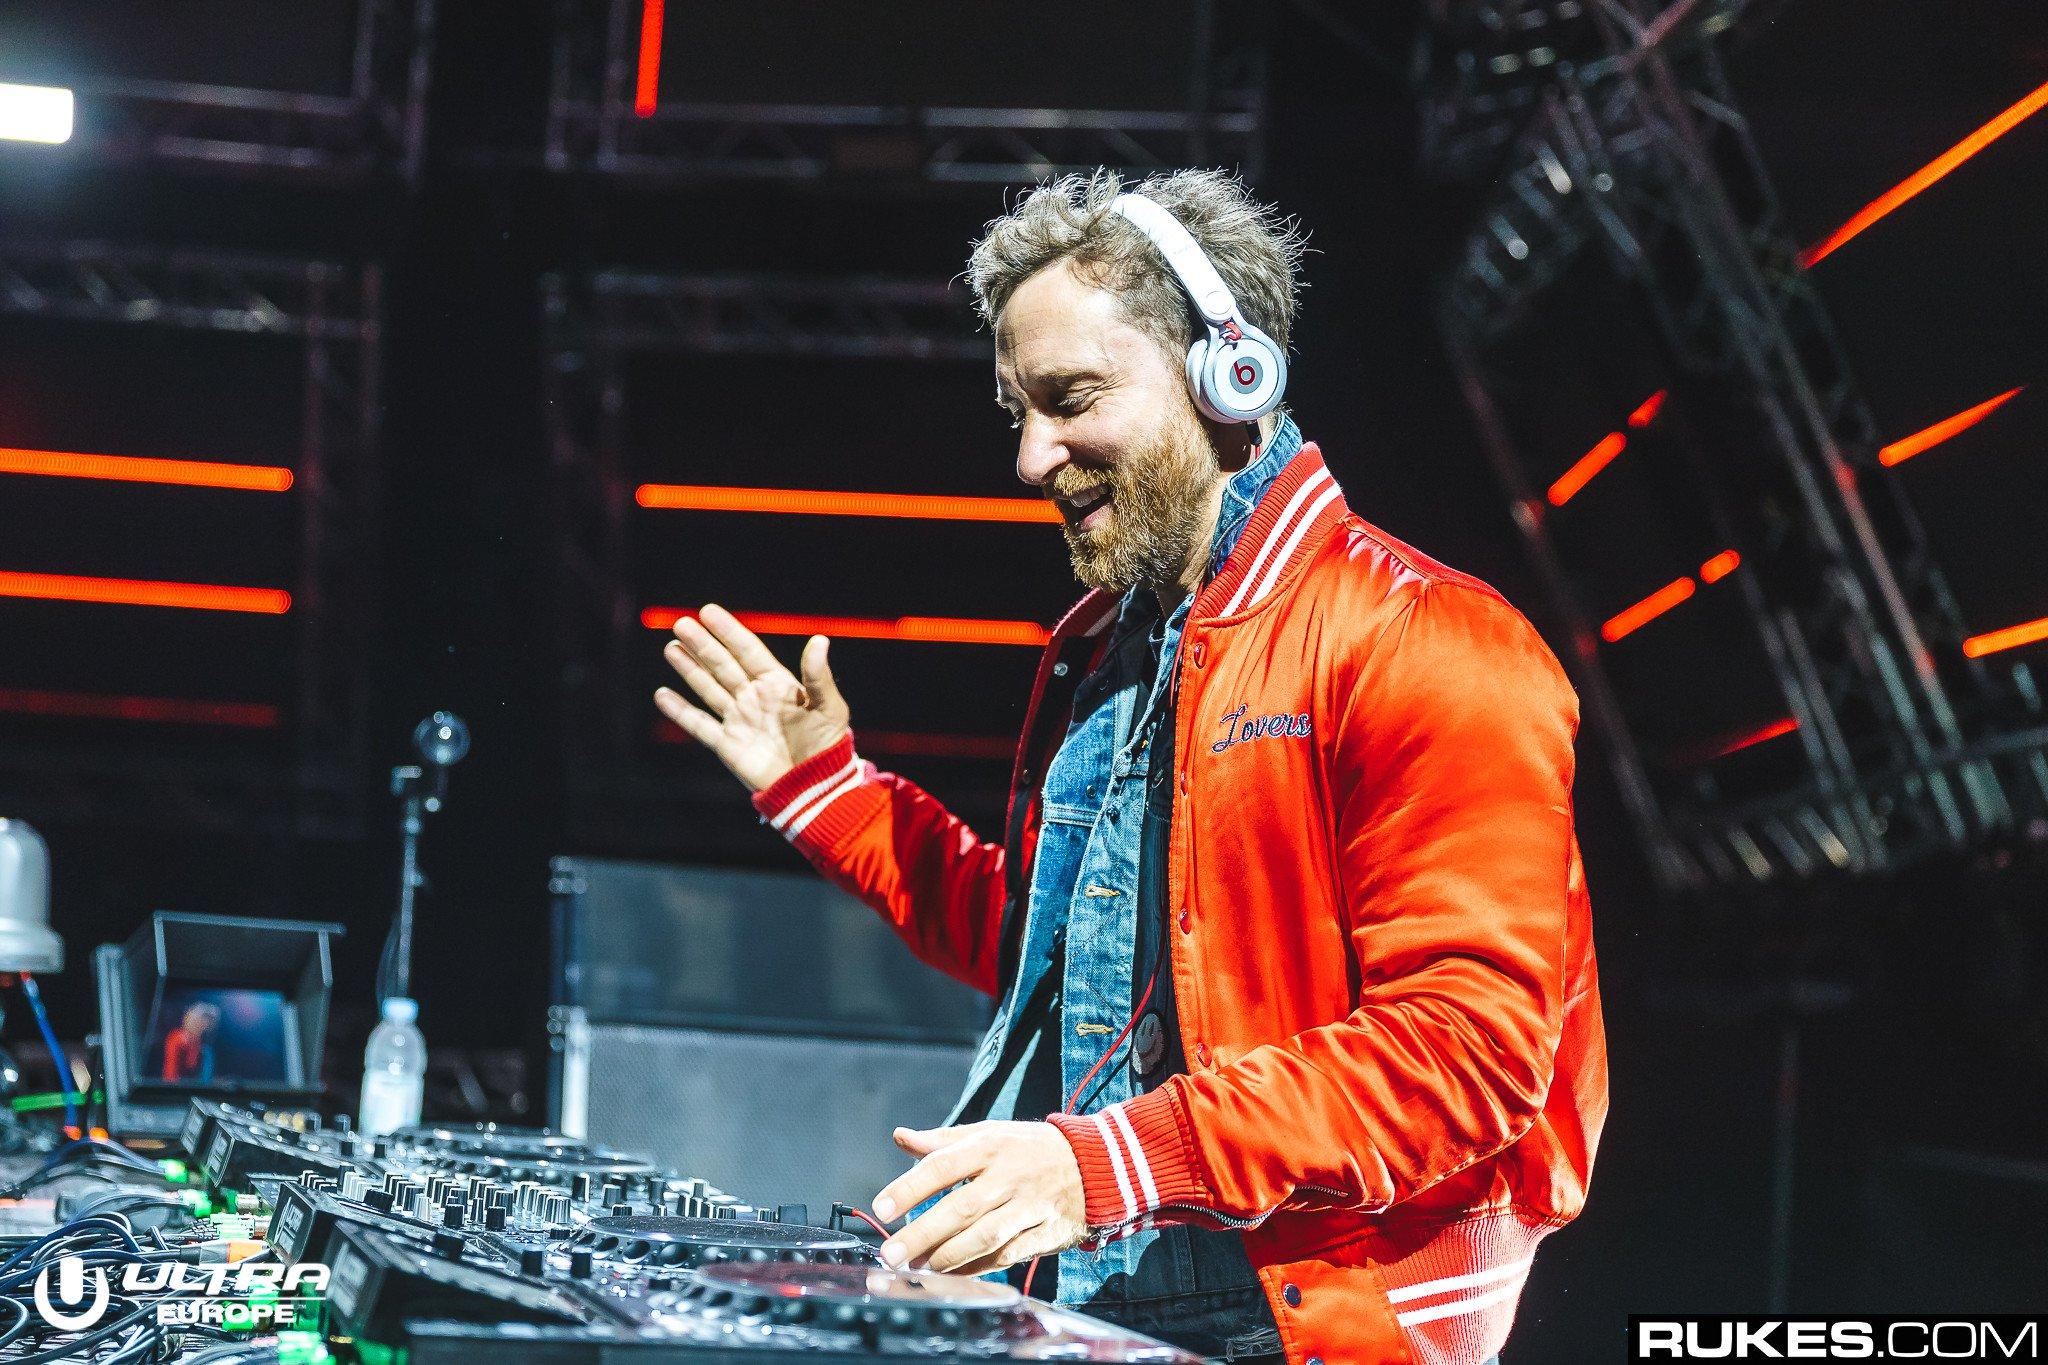 David Guettaが別名義をスタート!?約6年ぶりに「Jack Back」として新曲をリリース!